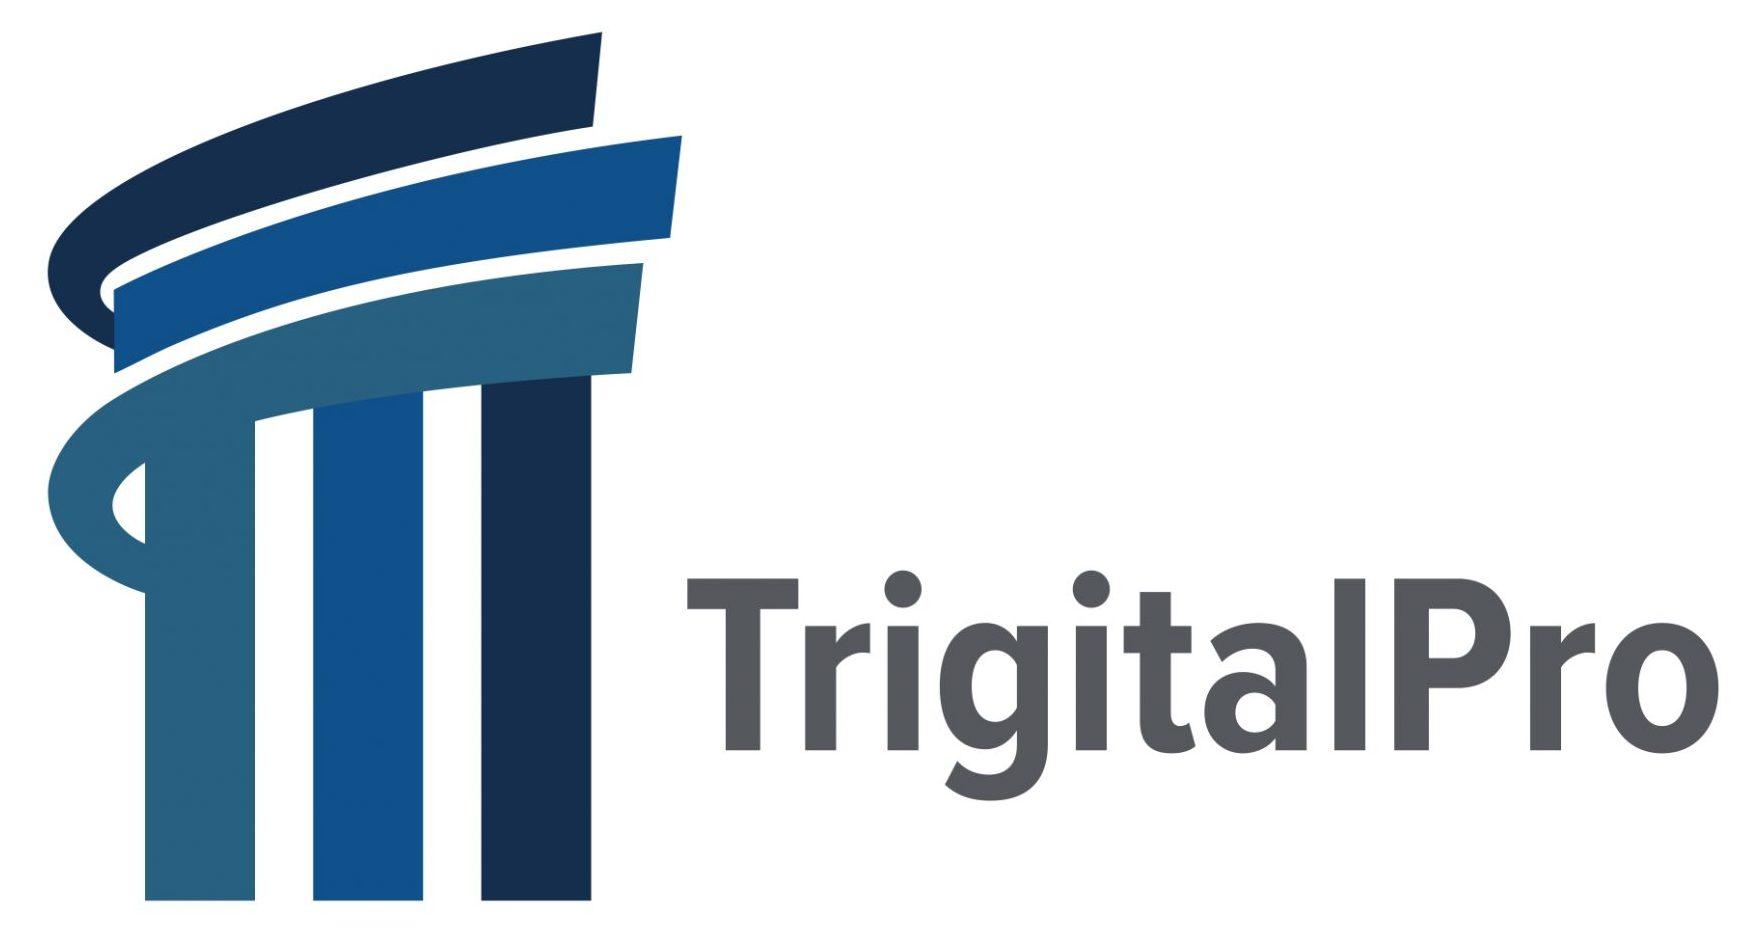 TrigitalPro